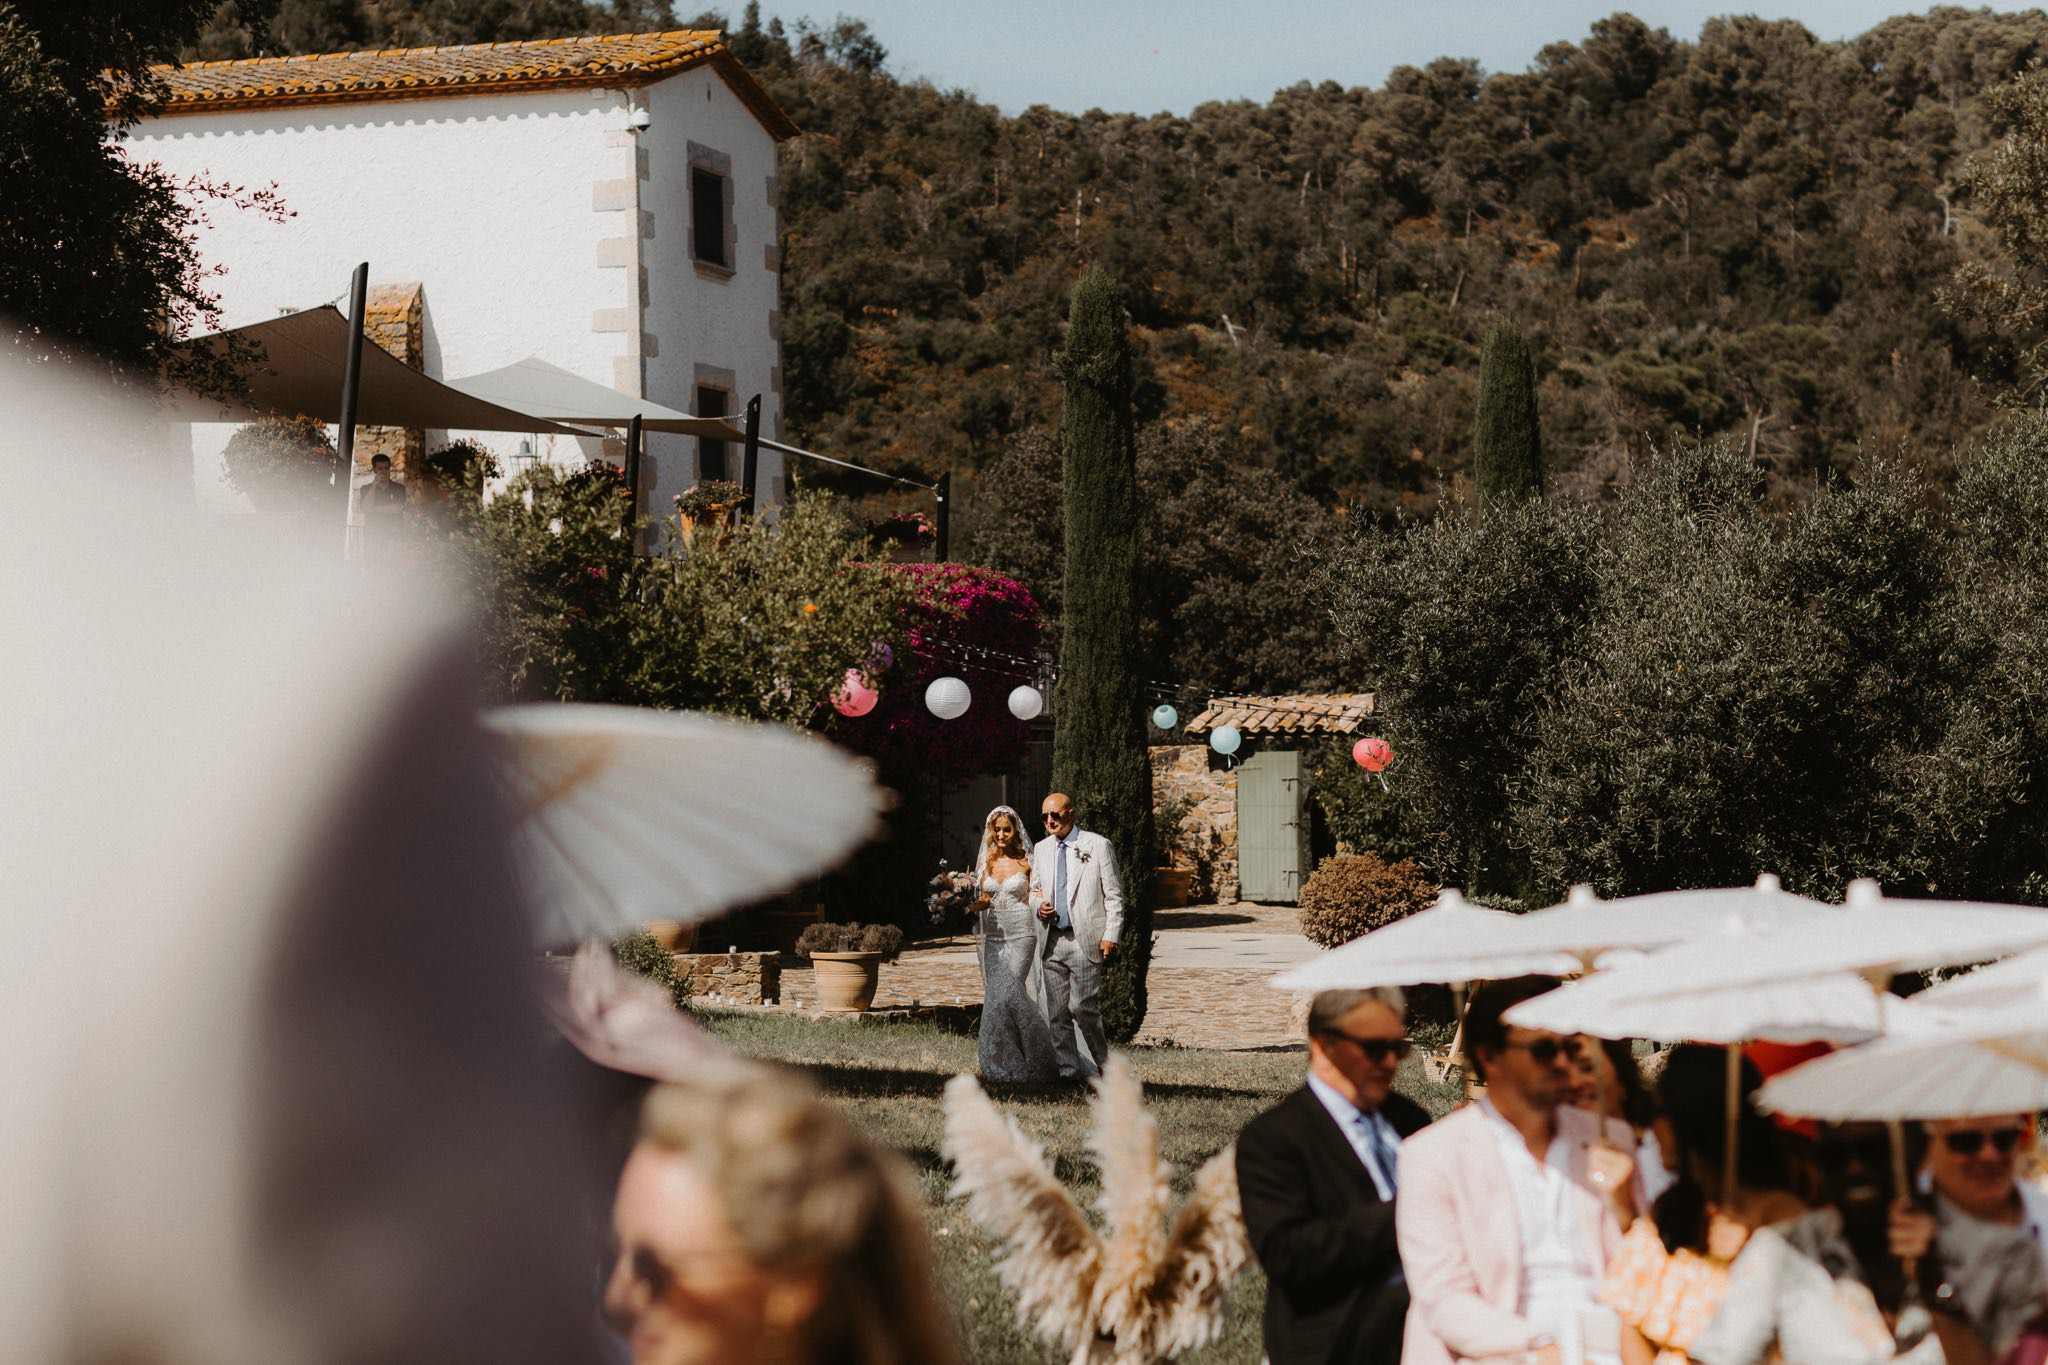 los angeles wedding 101 1